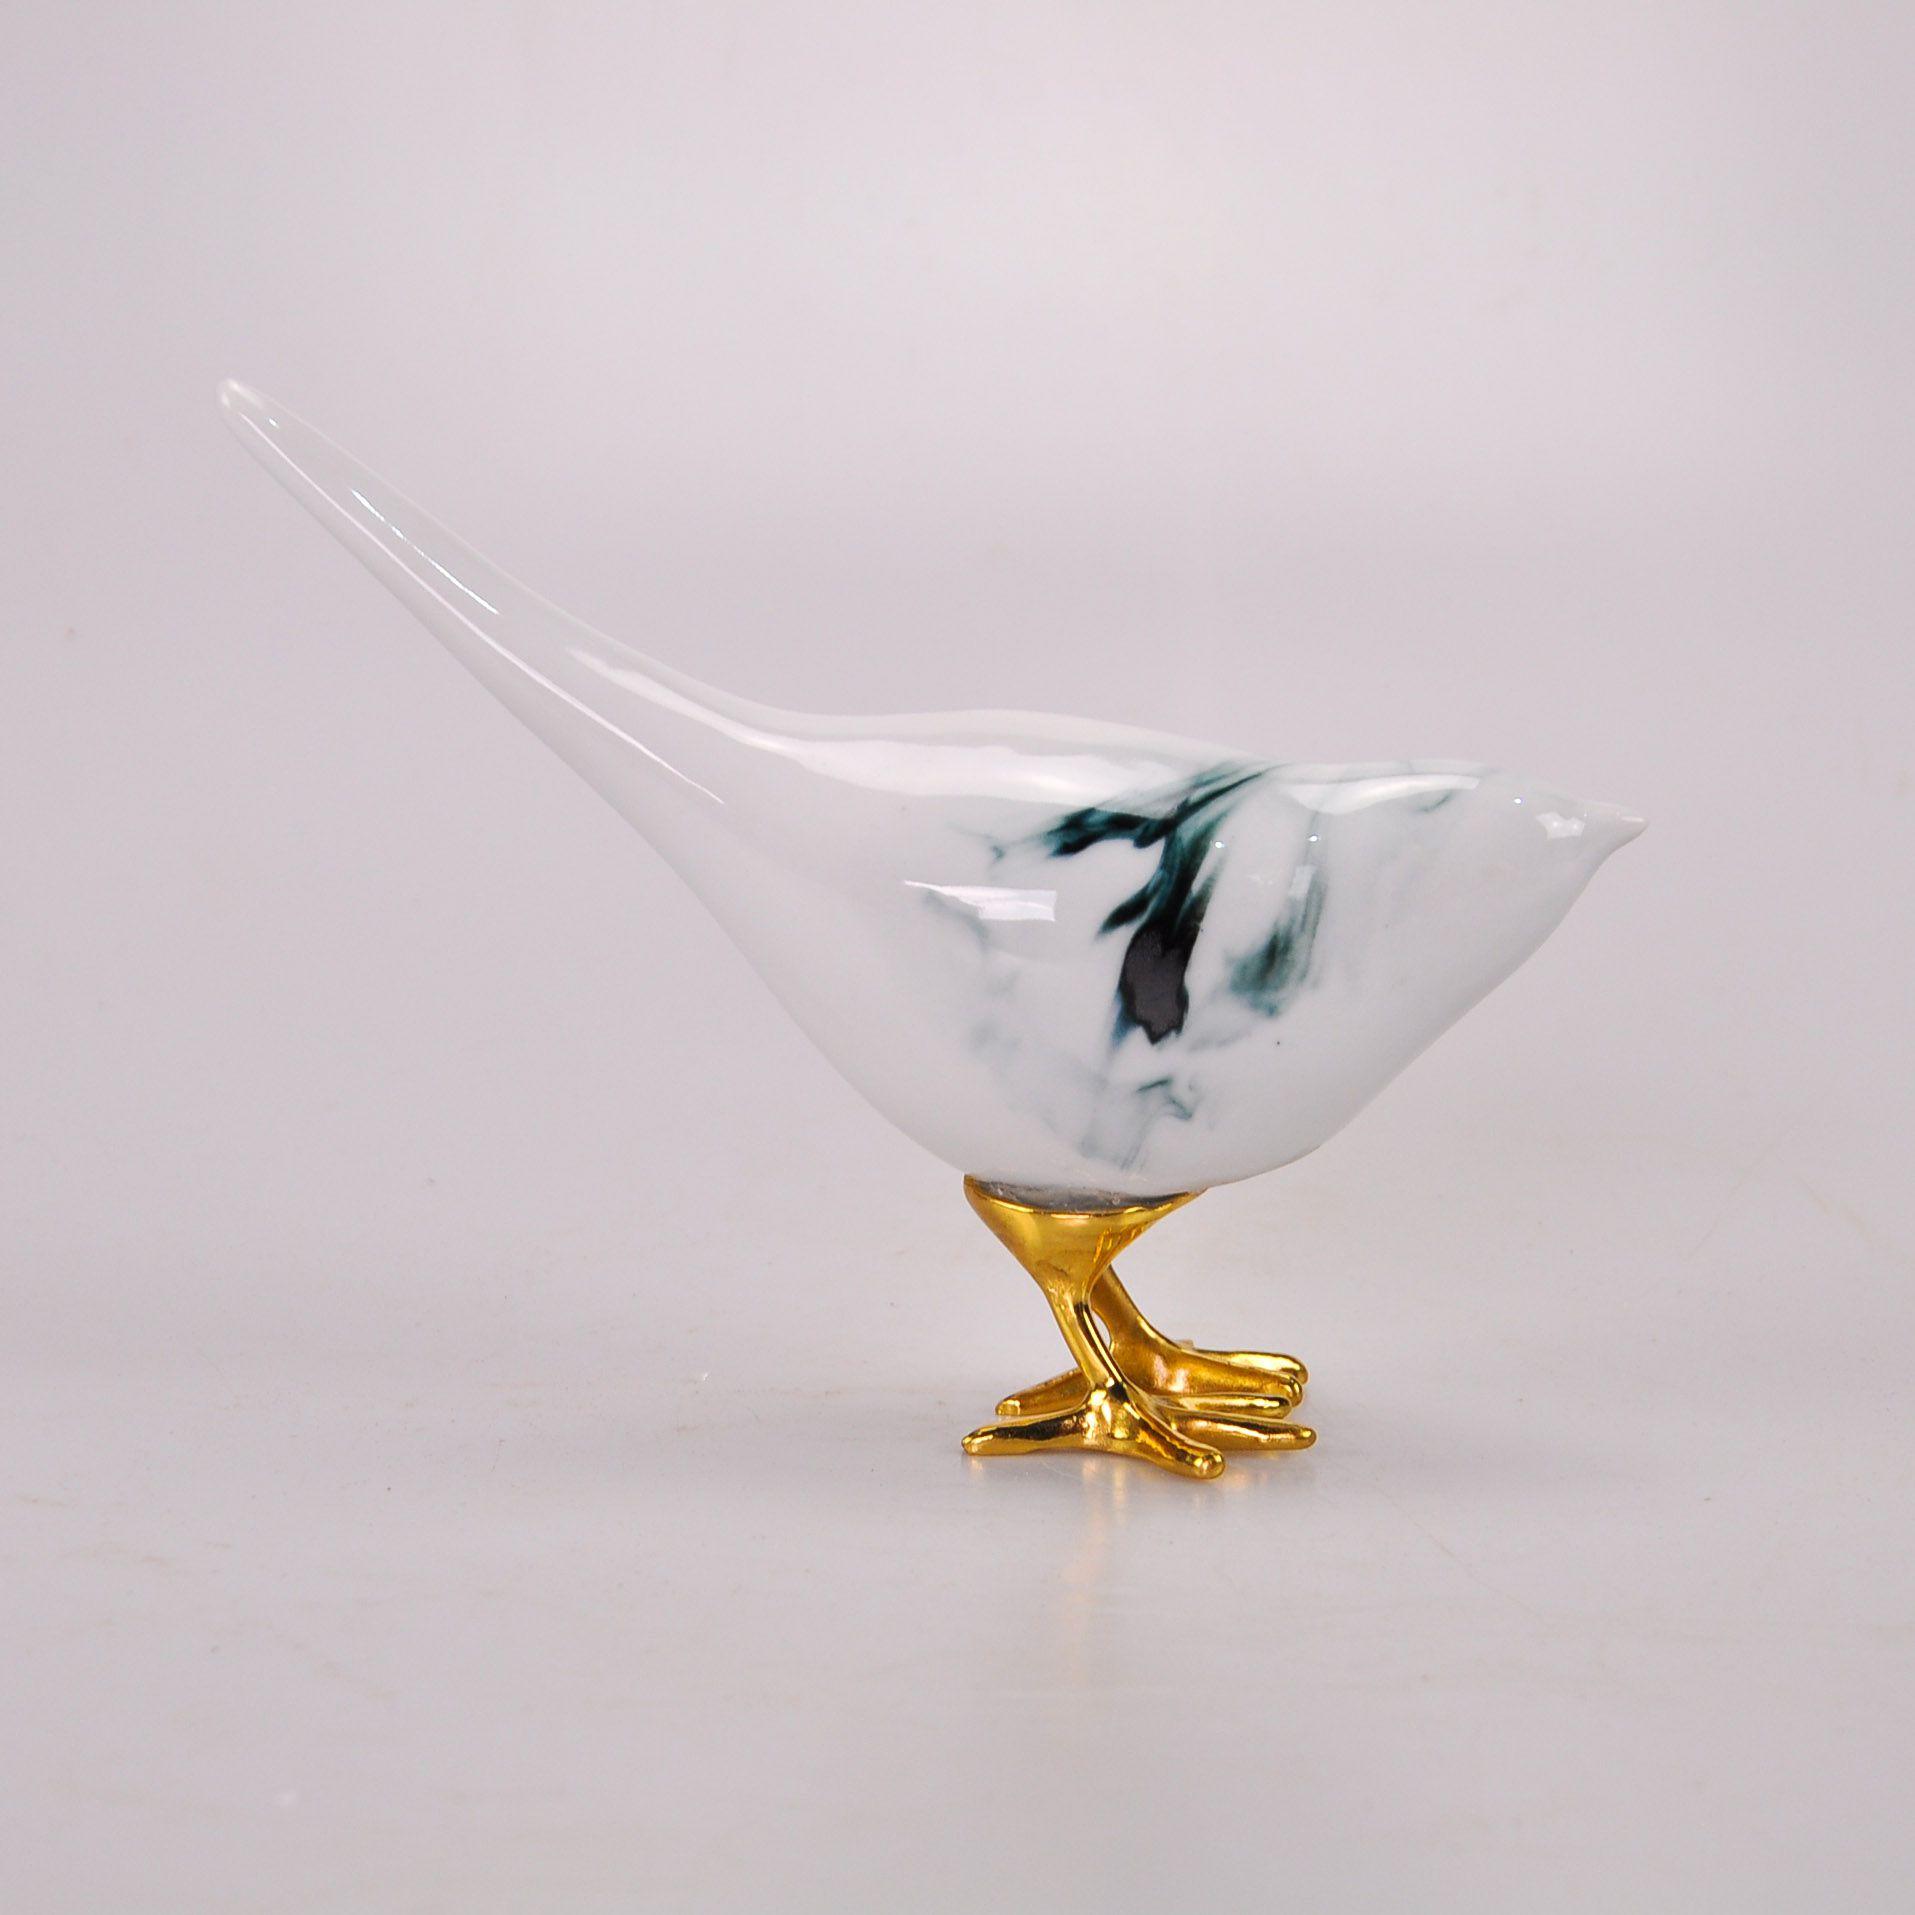 Adorno Pássaro 21 x 21 cm 60855